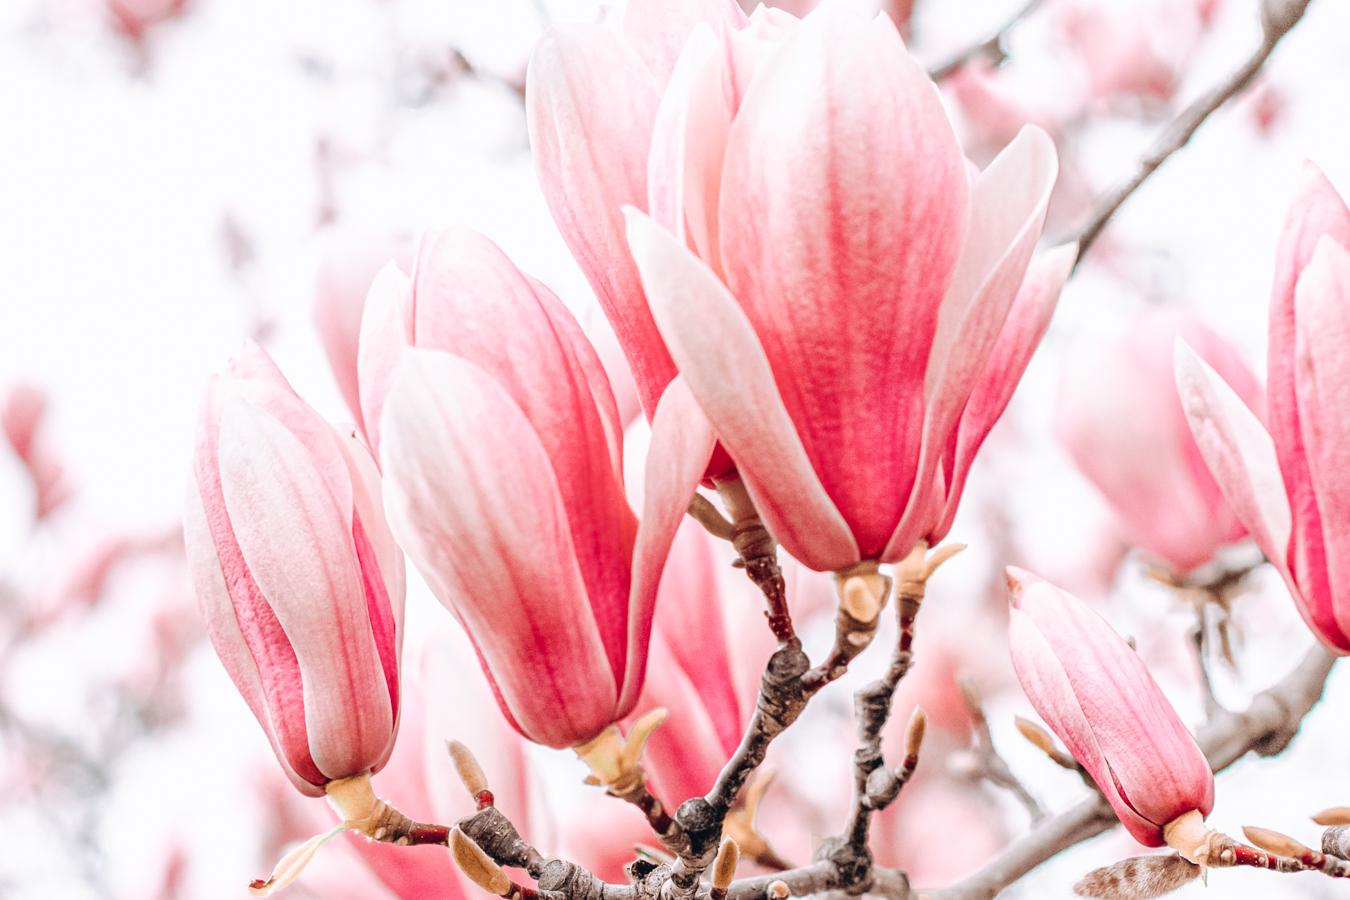 Flowers at the Dominion Arboretum